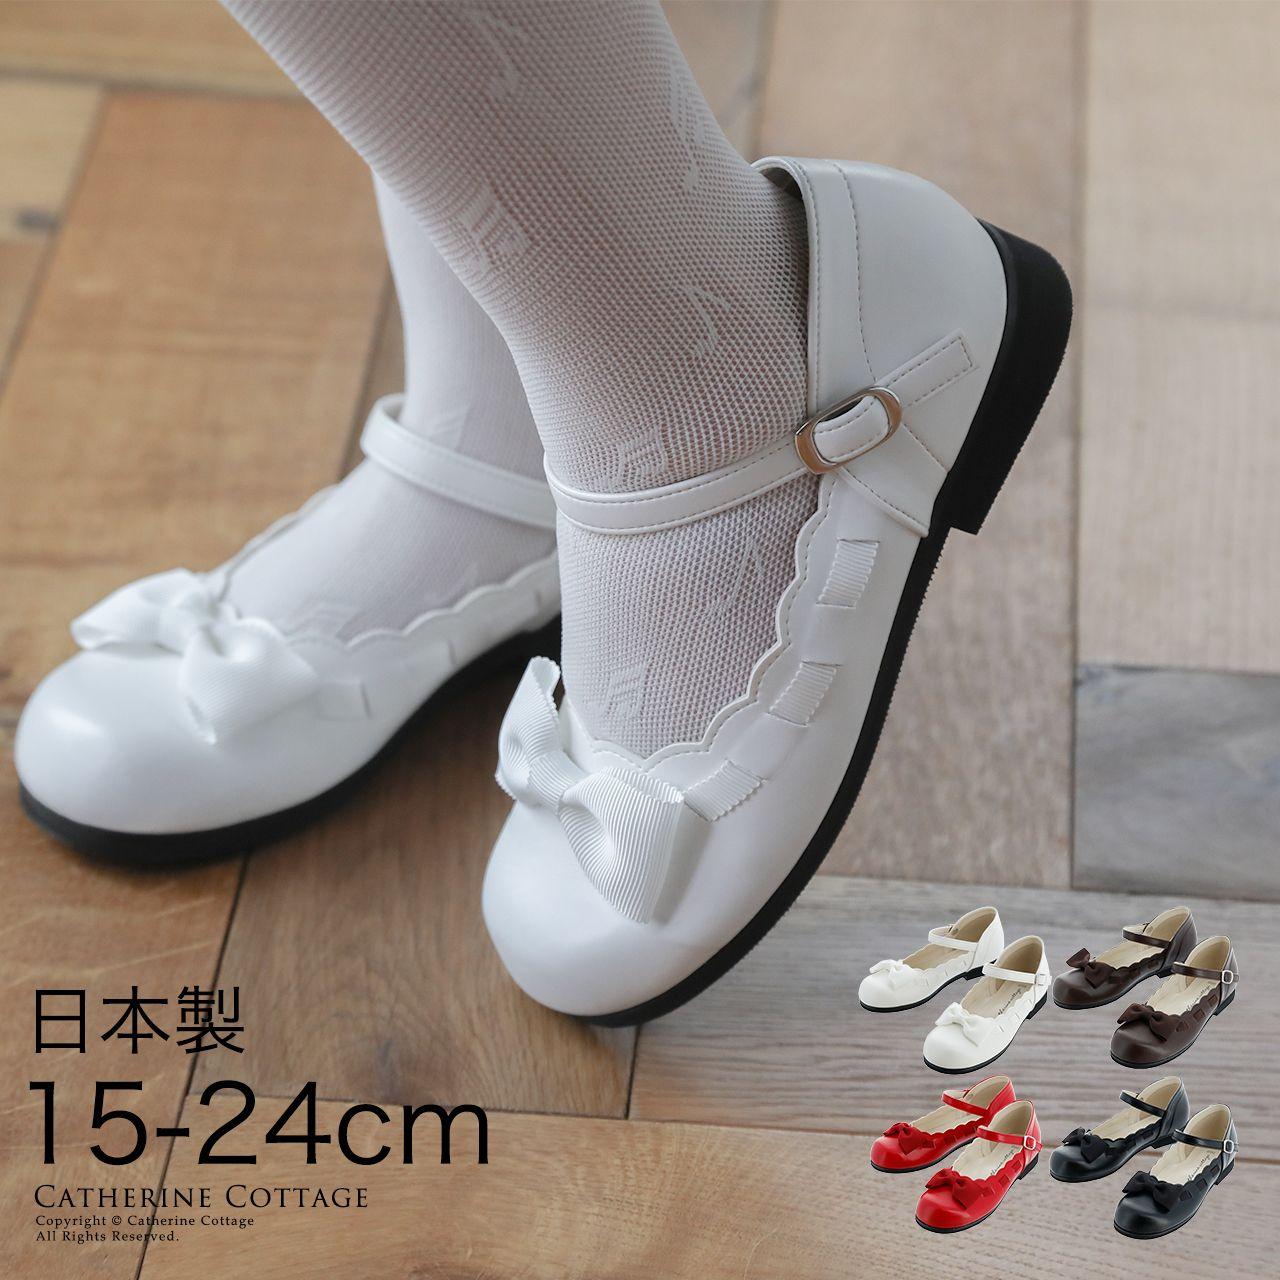 新着 子供フォーマル靴 女の子 結婚式 発表会 本日の目玉 卒業 C24 入学 はしごリボンフォーマルシューズTAK 日本製